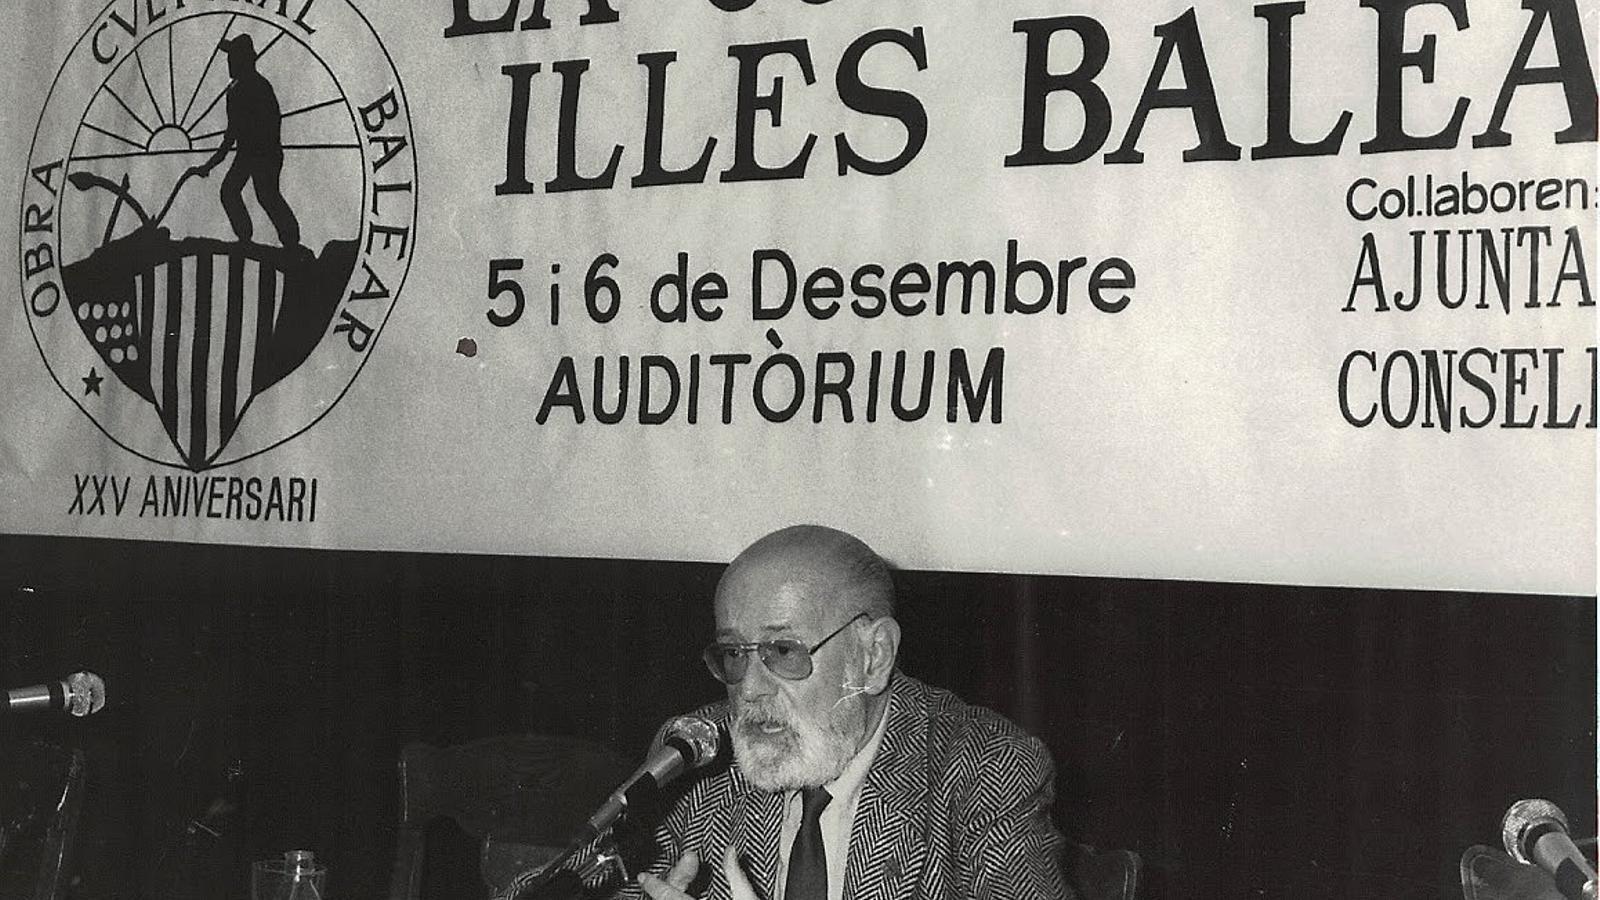 TUASDASDASDL  01. Josep Maria Llompart fou president de l'Obra Cultural Balear. 02. El febrer de 1975 l'OCB participà en la celebració del Congrés de Cultura Catalana (CCC). 03. Francesc de Borja Moll.